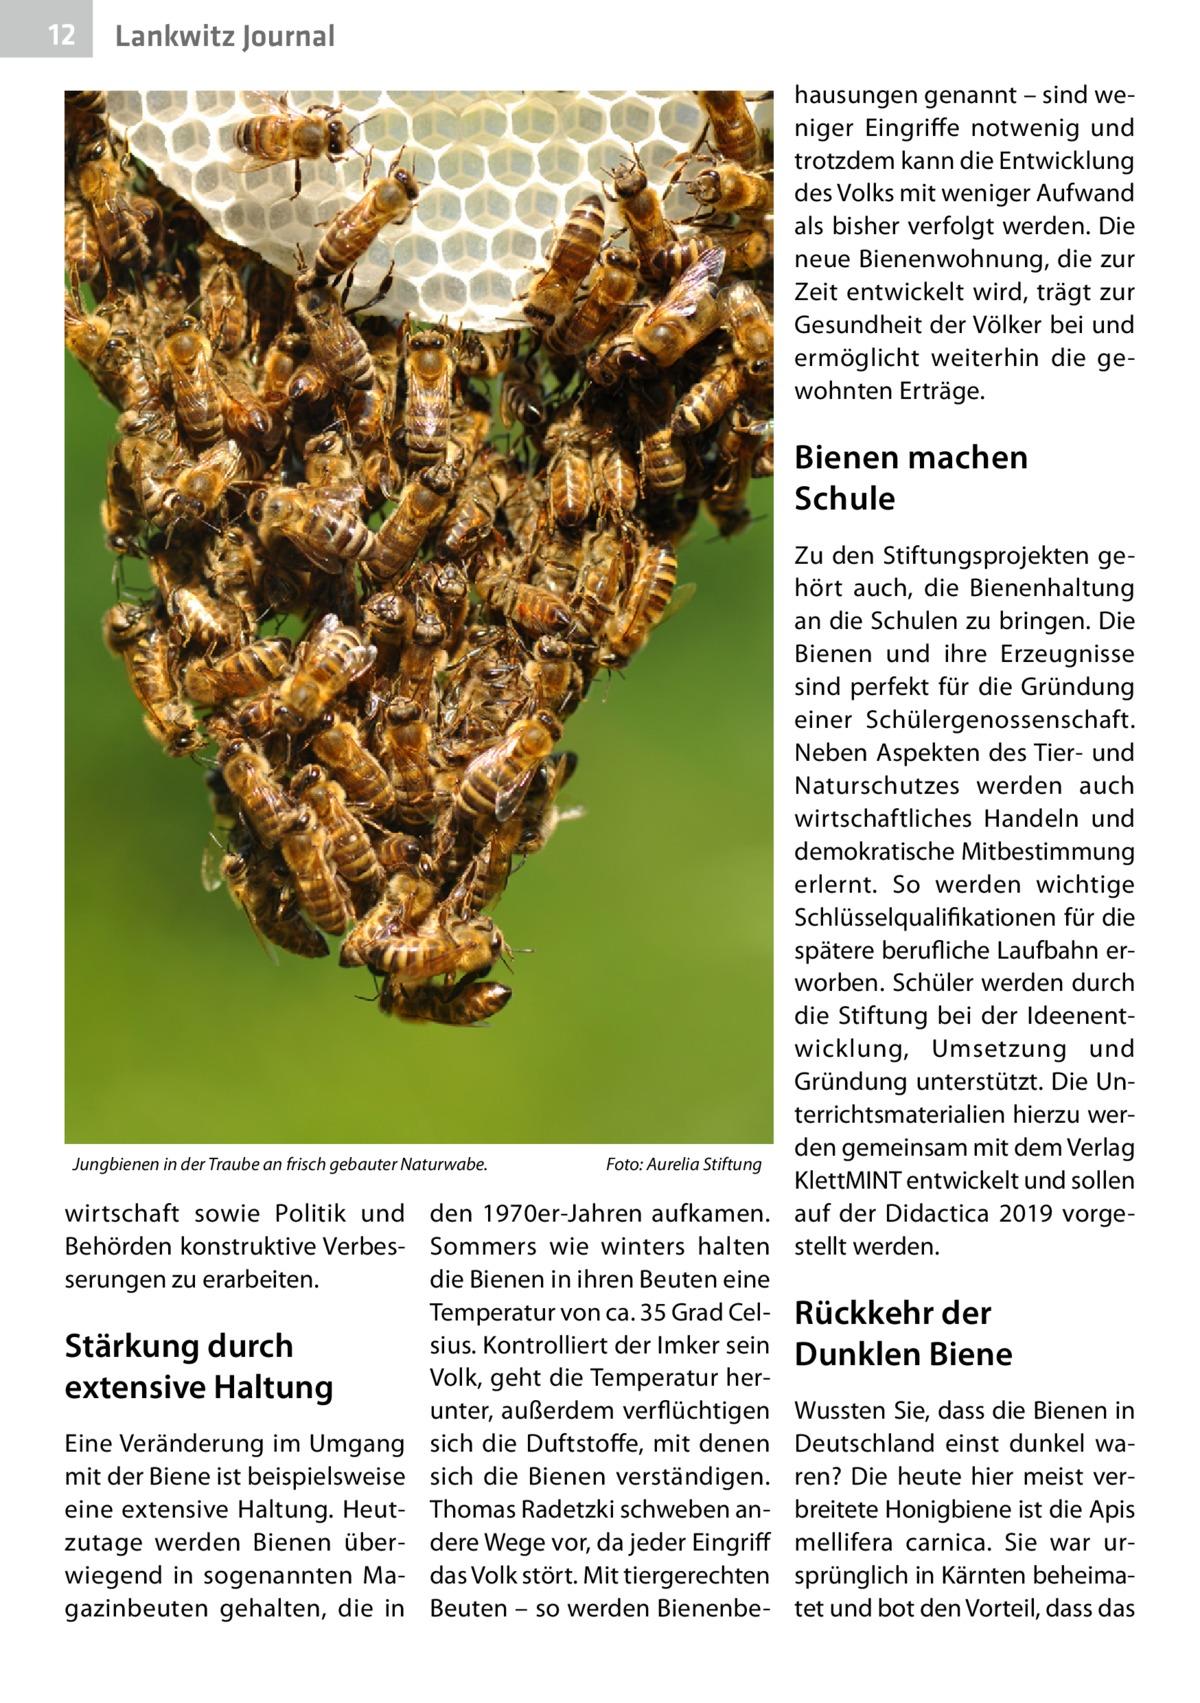 12  Lankwitz Journal hausungen genannt – sind weniger Eingriffe notwenig und trotzdem kann die Entwicklung des Volks mit weniger Aufwand als bisher verfolgt werden. Die neue Bienenwohnung, die zur Zeit entwickelt wird, trägt zur Gesundheit der Völker bei und ermöglicht weiterhin die gewohnten Erträge.  Bienen machen Schule Zu den Stiftungsprojekten gehört auch, die Bienenhaltung an die Schulen zu bringen. Die Bienen und ihre Erzeugnisse sind perfekt für die Gründung einer Schülergenossenschaft. Neben Aspekten des Tier- und Naturschutzes werden auch wirtschaftliches Handeln und demokratische Mitbestimmung erlernt. So werden wichtige Schlüsselqualifikationen für die spätere berufliche Laufbahn erworben. Schüler werden durch die Stiftung bei der Ideenentwicklung, Umsetzung und Gründung unterstützt. Die Unterrichtsmaterialien hierzu werden gemeinsam mit dem Verlag Jungbienen in der Traube an frisch gebauter Naturwabe.� Foto: Aurelia Stiftung KlettMINT entwickelt und sollen wirtschaft sowie Politik und den 1970er-Jahren aufkamen. auf der Didactica 2019 vorgeBehörden konstruktive Verbes- Sommers wie winters halten stellt werden. serungen zu erarbeiten. die Bienen in ihren Beuten eine Temperatur von ca. 35Grad Cel- Rückkehr der sius. Kontrolliert der Imker sein Dunklen Biene Stärkung durch Volk, geht die Temperatur herextensive Haltung unter, außerdem verflüchtigen Wussten Sie, dass die Bienen in Eine Veränderung im Umgang sich die Duftstoffe, mit denen Deutschland einst dunkel wamit der Biene ist beispielsweise sich die Bienen verständigen. ren? Die heute hier meist vereine extensive Haltung. Heut- Thomas Radetzki schweben an- breitete Honigbiene ist die Apis zutage werden Bienen über- dere Wege vor, da jeder Eingriff mellifera carnica. Sie war urwiegend in sogenannten Ma- das Volk stört. Mit tiergerechten sprünglich in Kärnten beheimagazinbeuten gehalten, die in Beuten – so werden Bienenbe- tet und bot den Vorteil, dass das